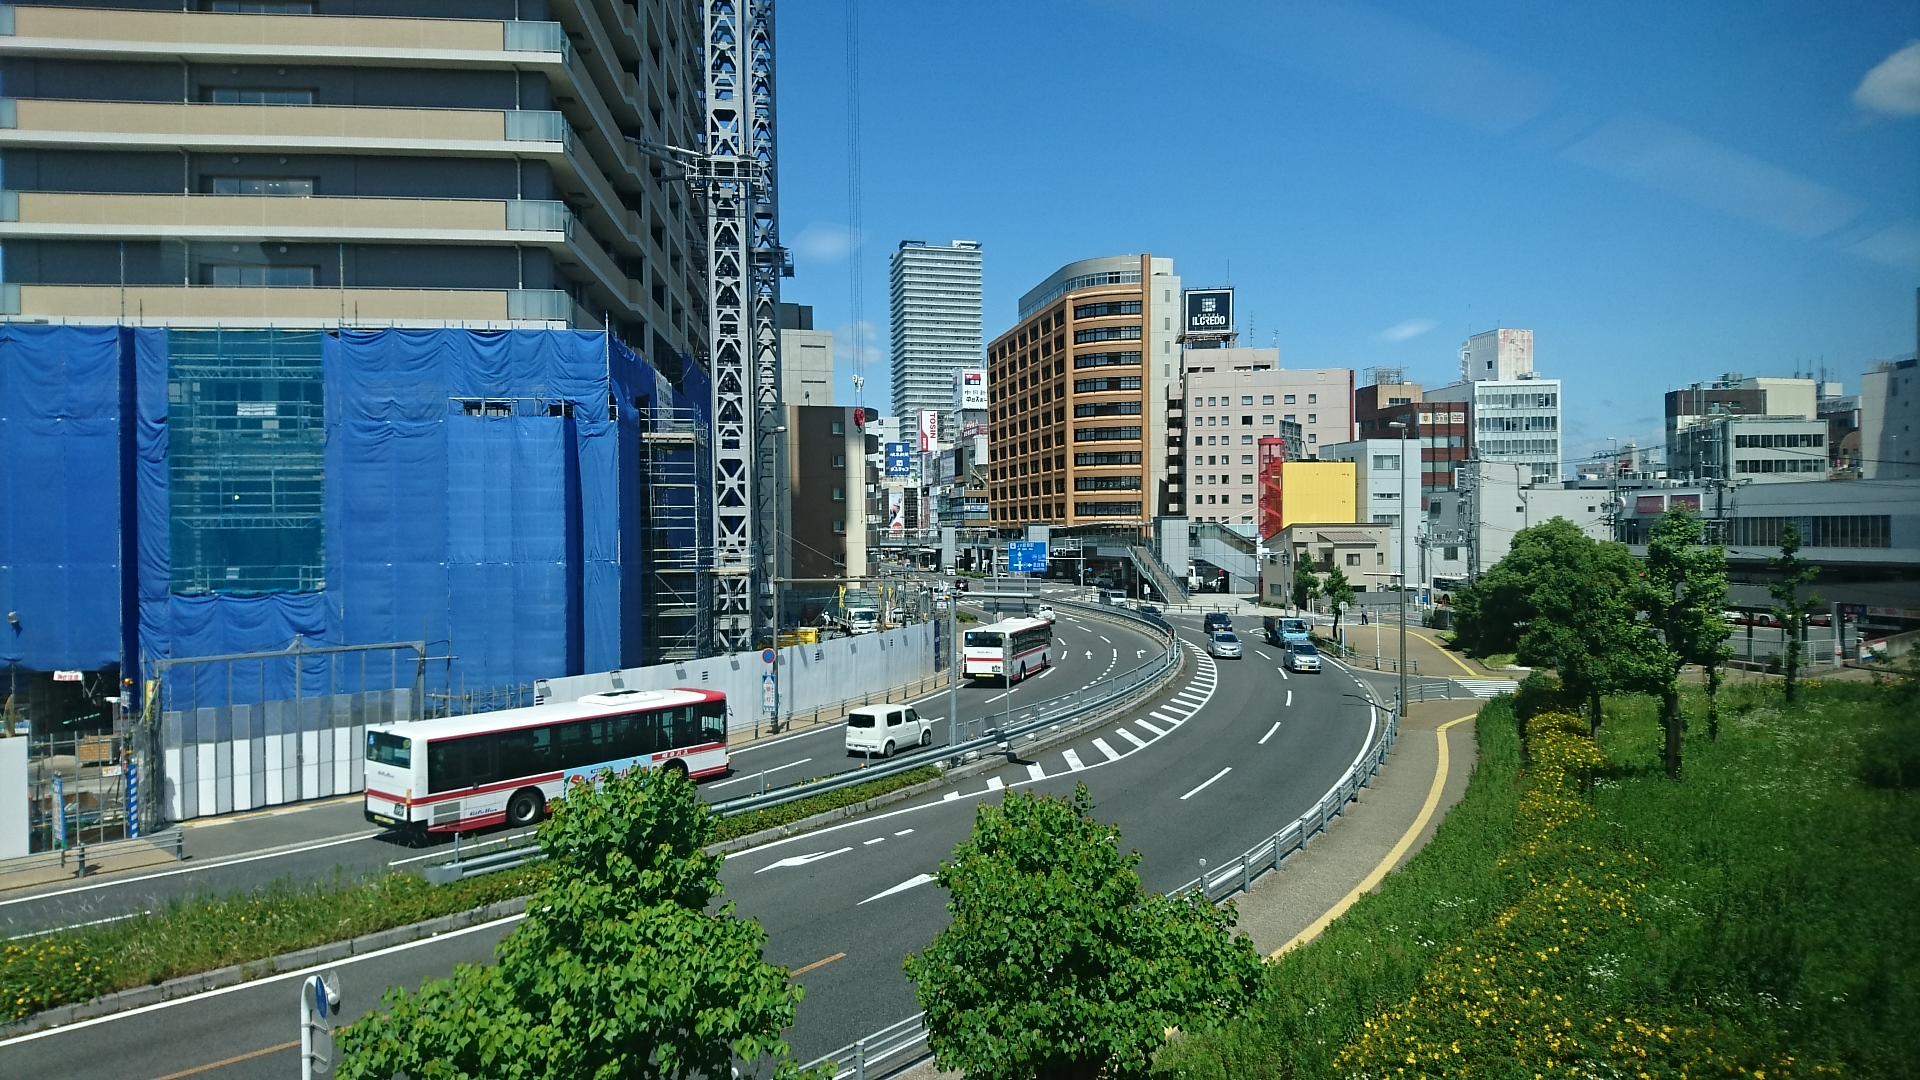 2018.6.1 岐阜 (16) 岐阜いき特急 - 岐阜 1920-1080